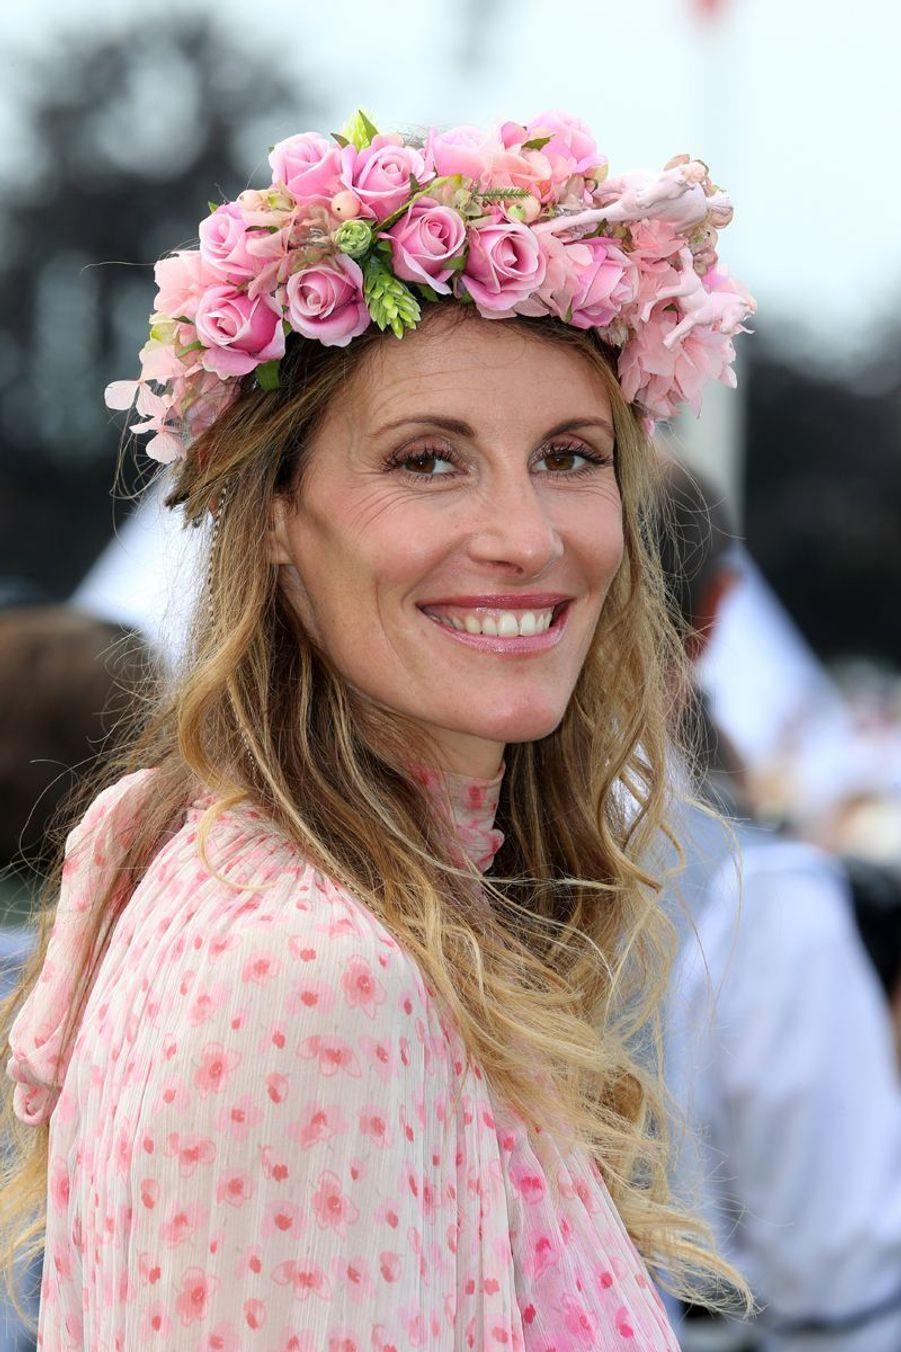 Prix de Diane Longines: La course à l'élégance